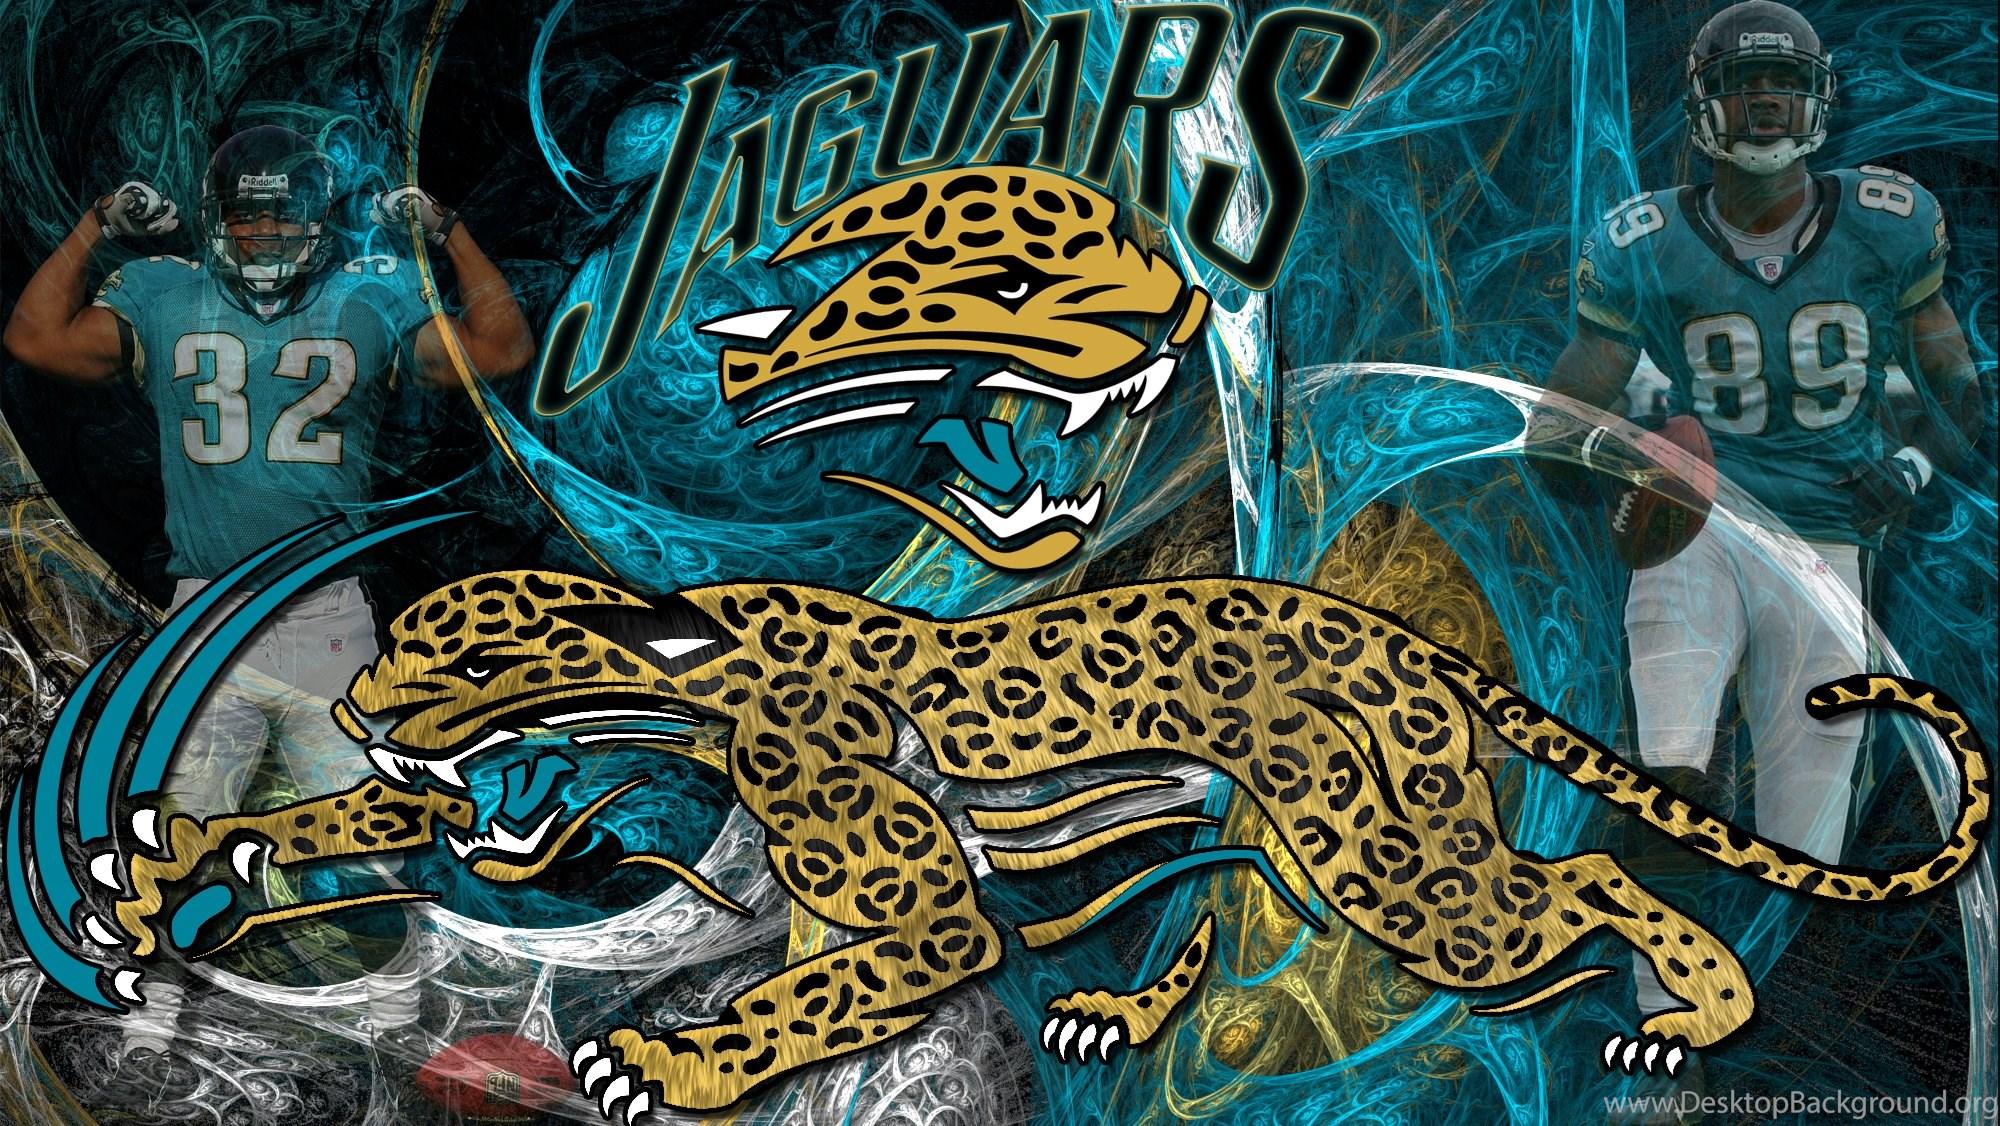 Jacksonville Jaguars Nfl Football H Wallpapers Desktop Background